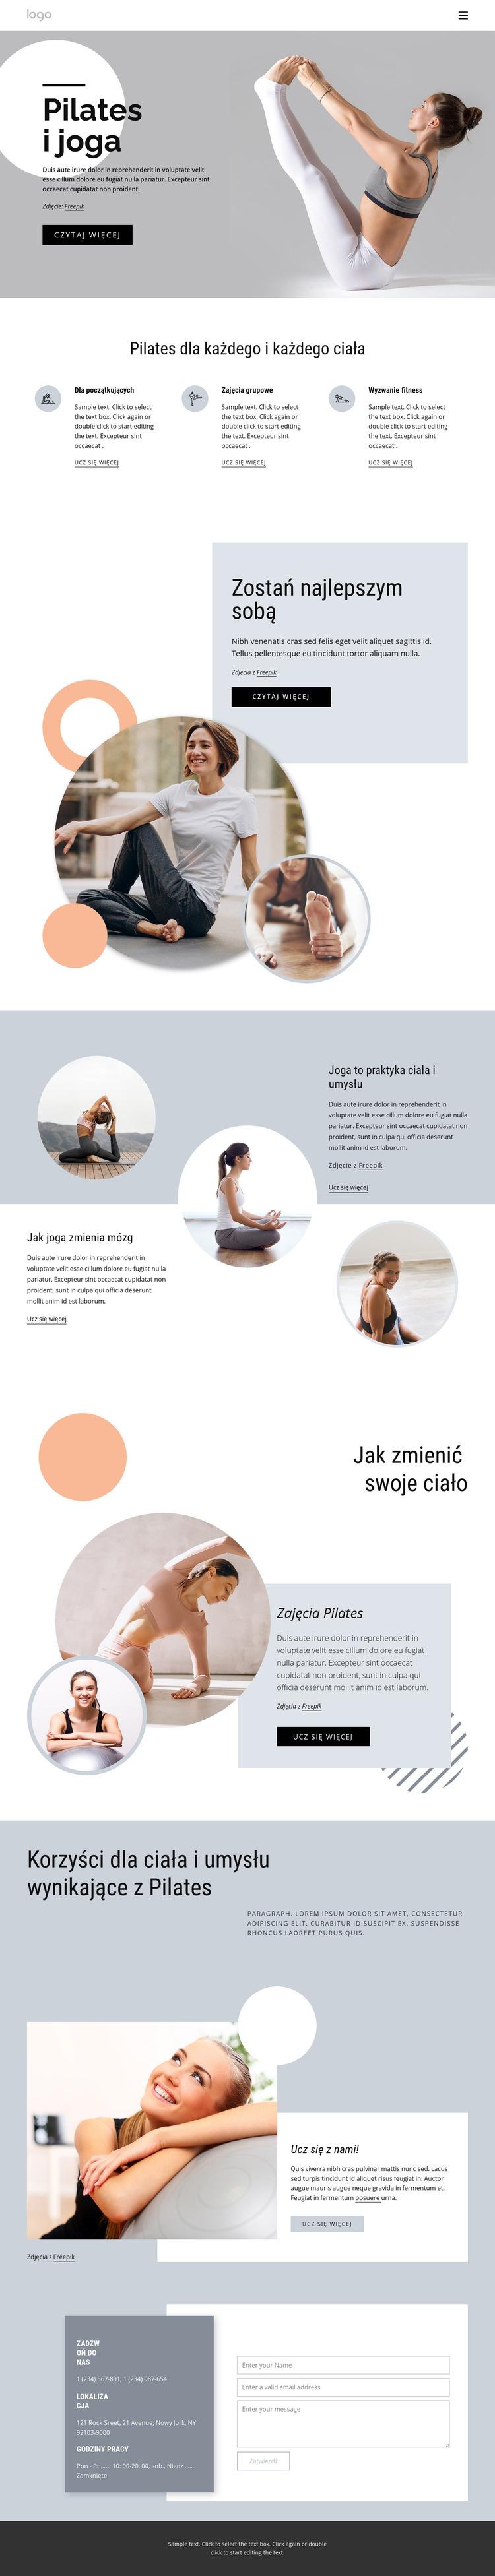 Pilates i centrum jogi Szablon witryny sieci Web